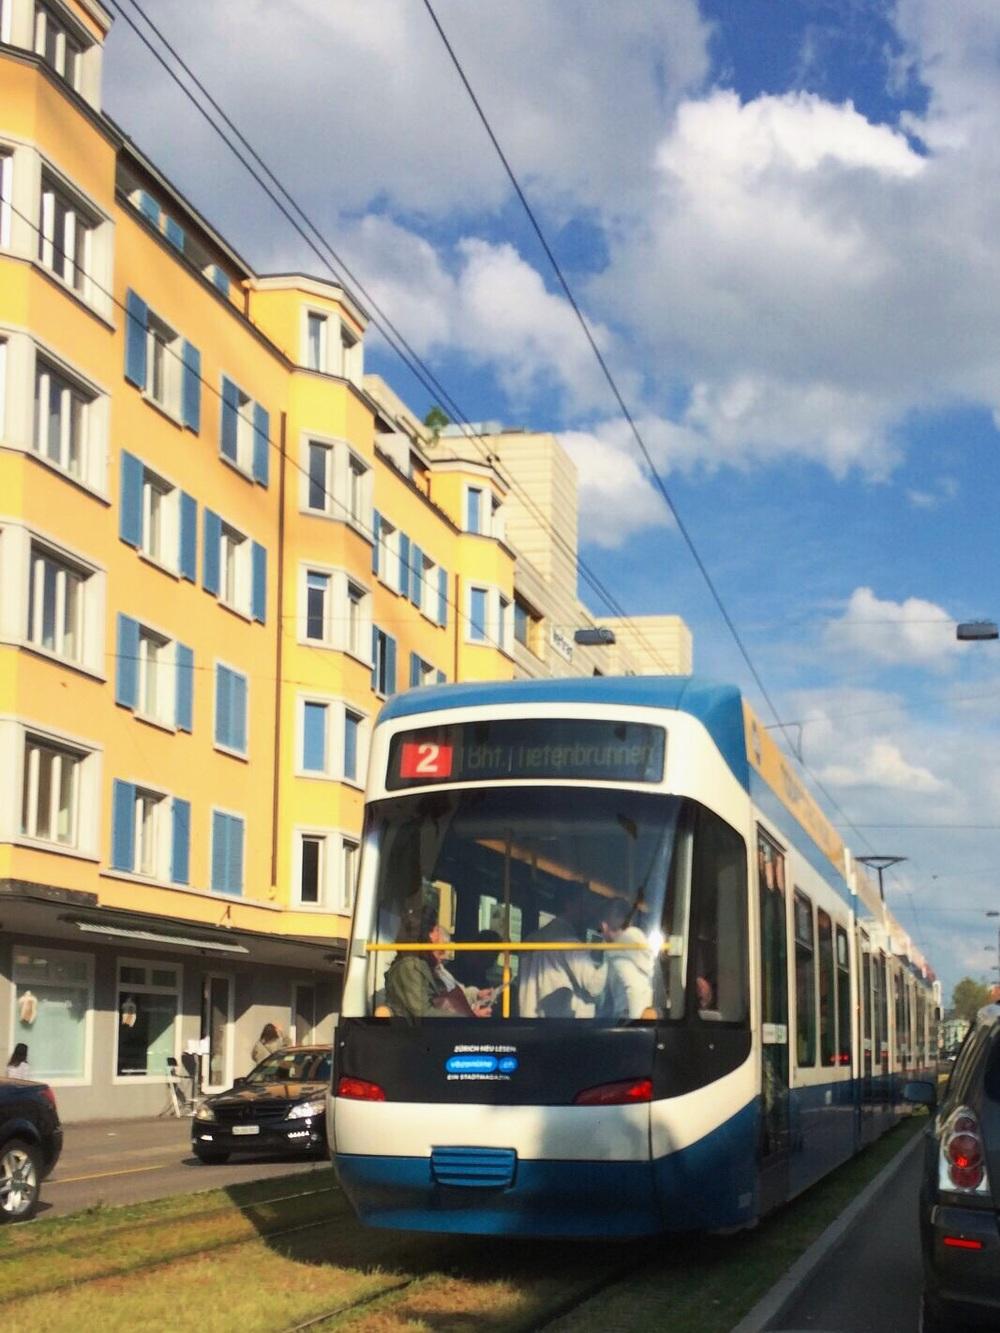 歴史を感じさせるチューリッヒの街並み